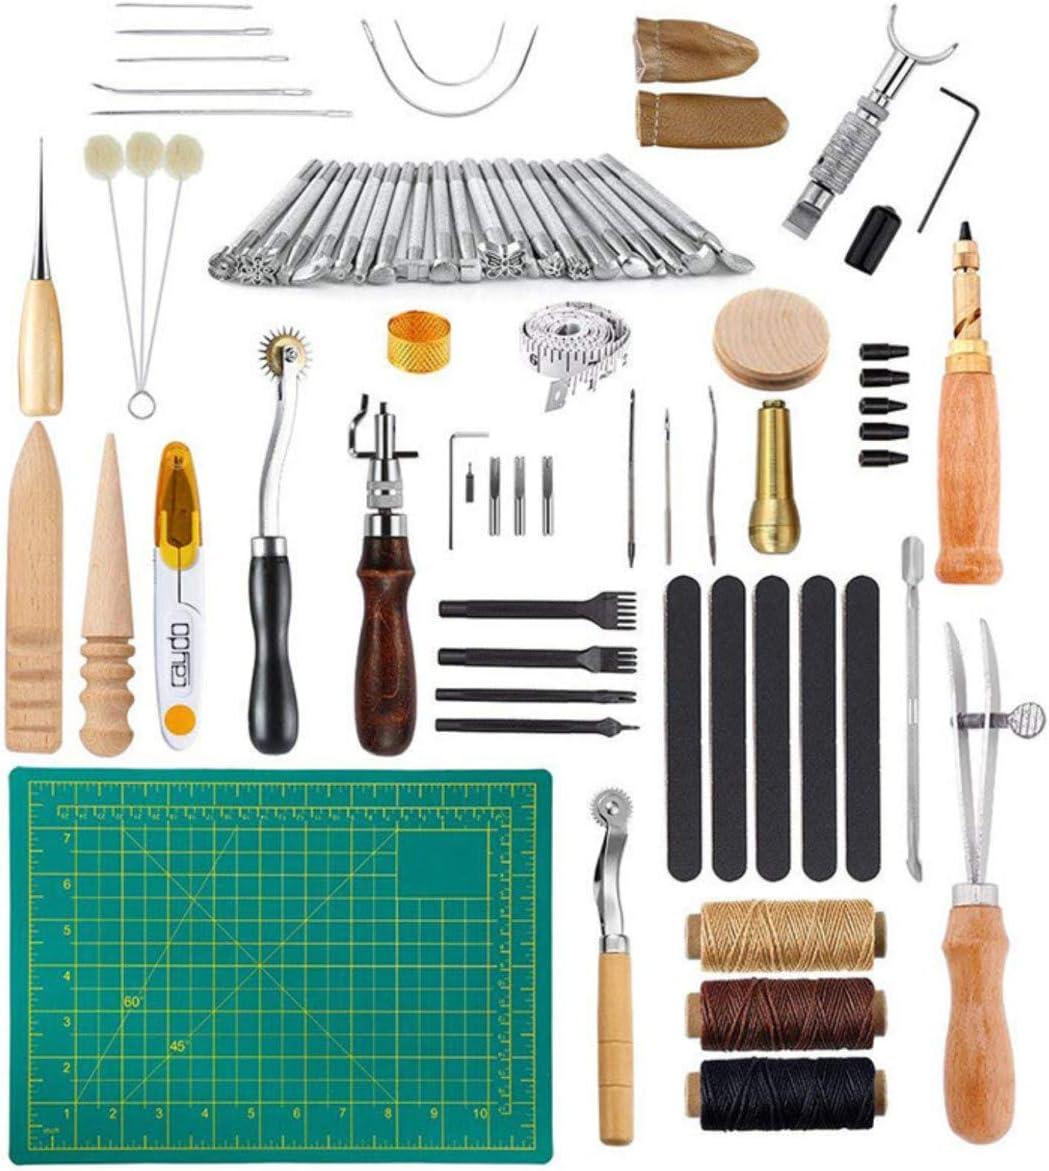 Beunyow 50 Piezas Kit de Herramientas de Coser de Cuero Artesanía de Costura Manual de Bricolaje con Ranurado, Punzón, Hilo Dedal, Aguja de Cuero Punzón de Perfomación Kit de Estampado de Hilo